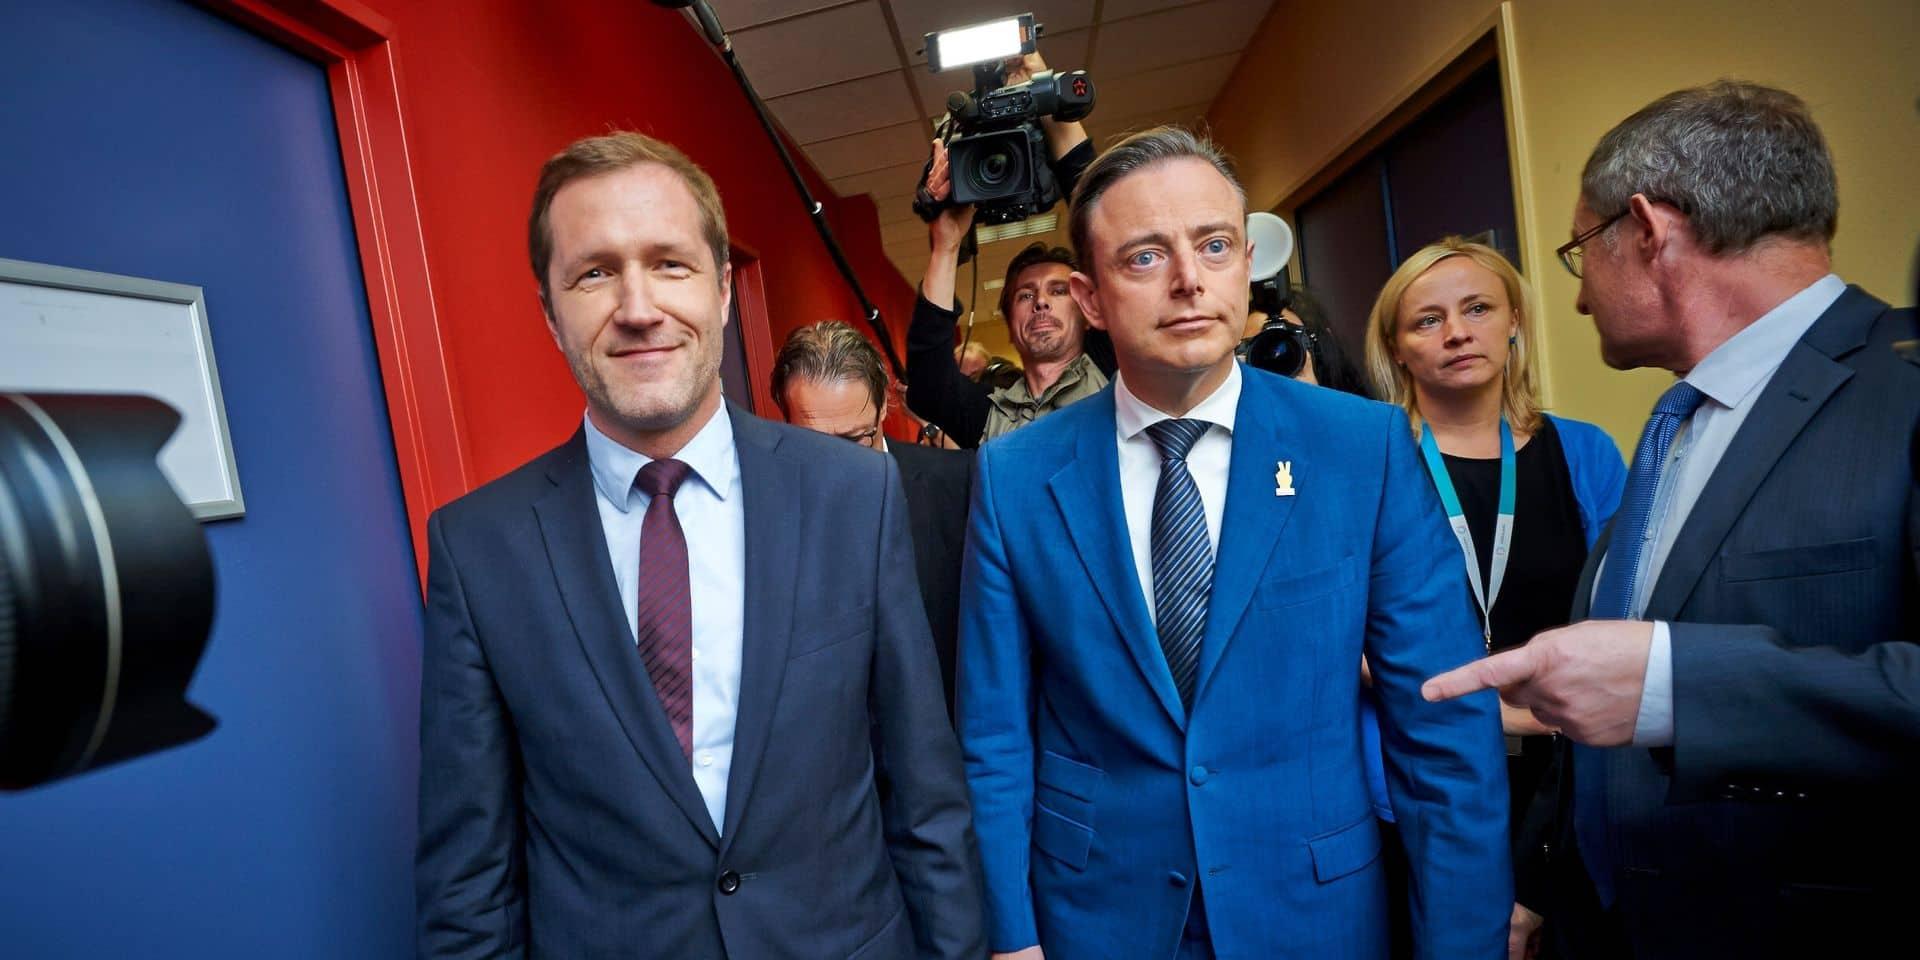 Blocage politique: quel parti est responsable selon les Flamands ?